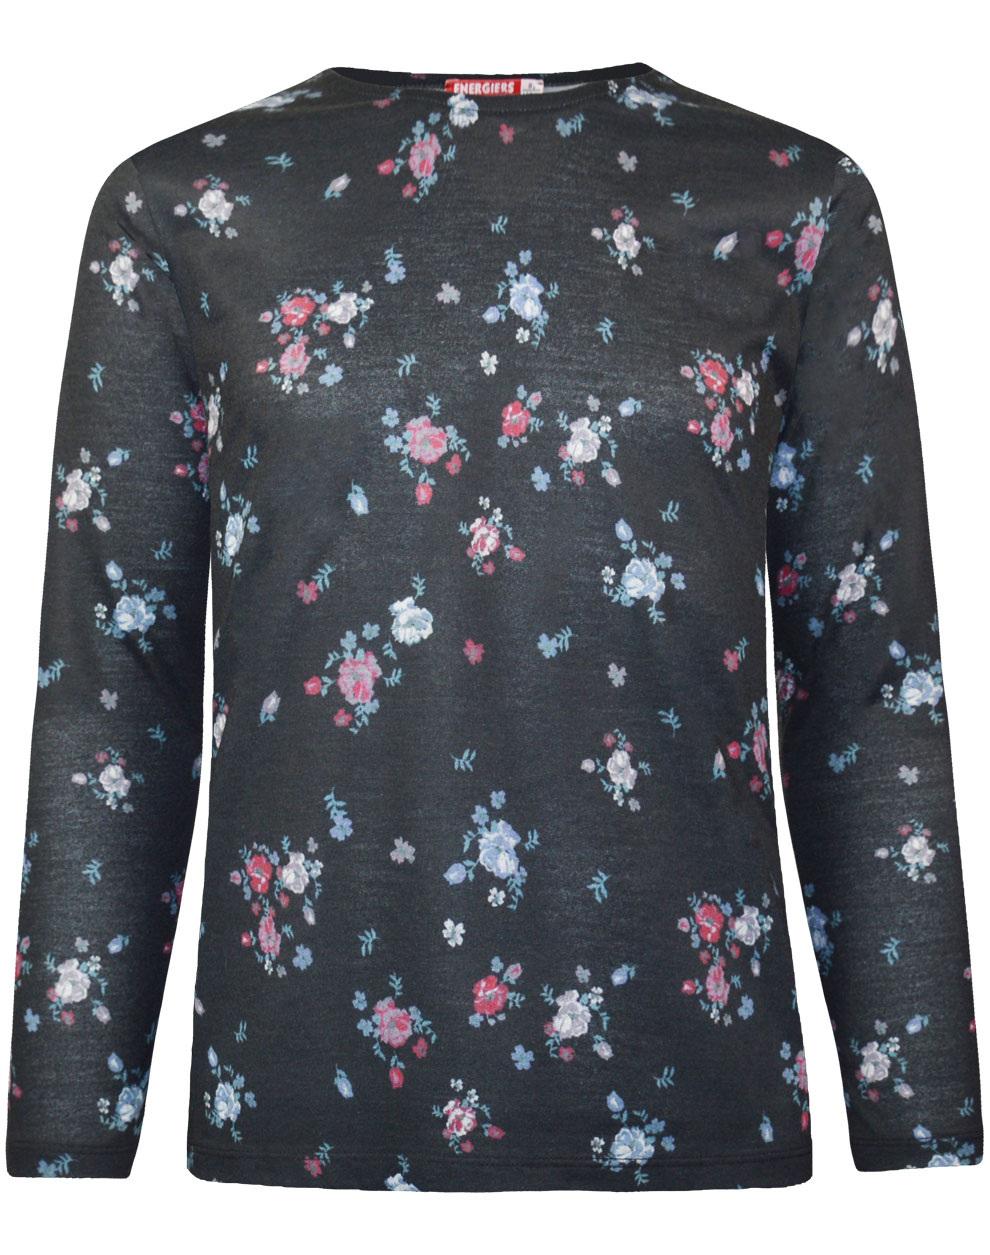 Μπλούζα με φλοράλ μοτίβο 16-120247-5 - Εμπριμέ - 18799-148/12/164/106